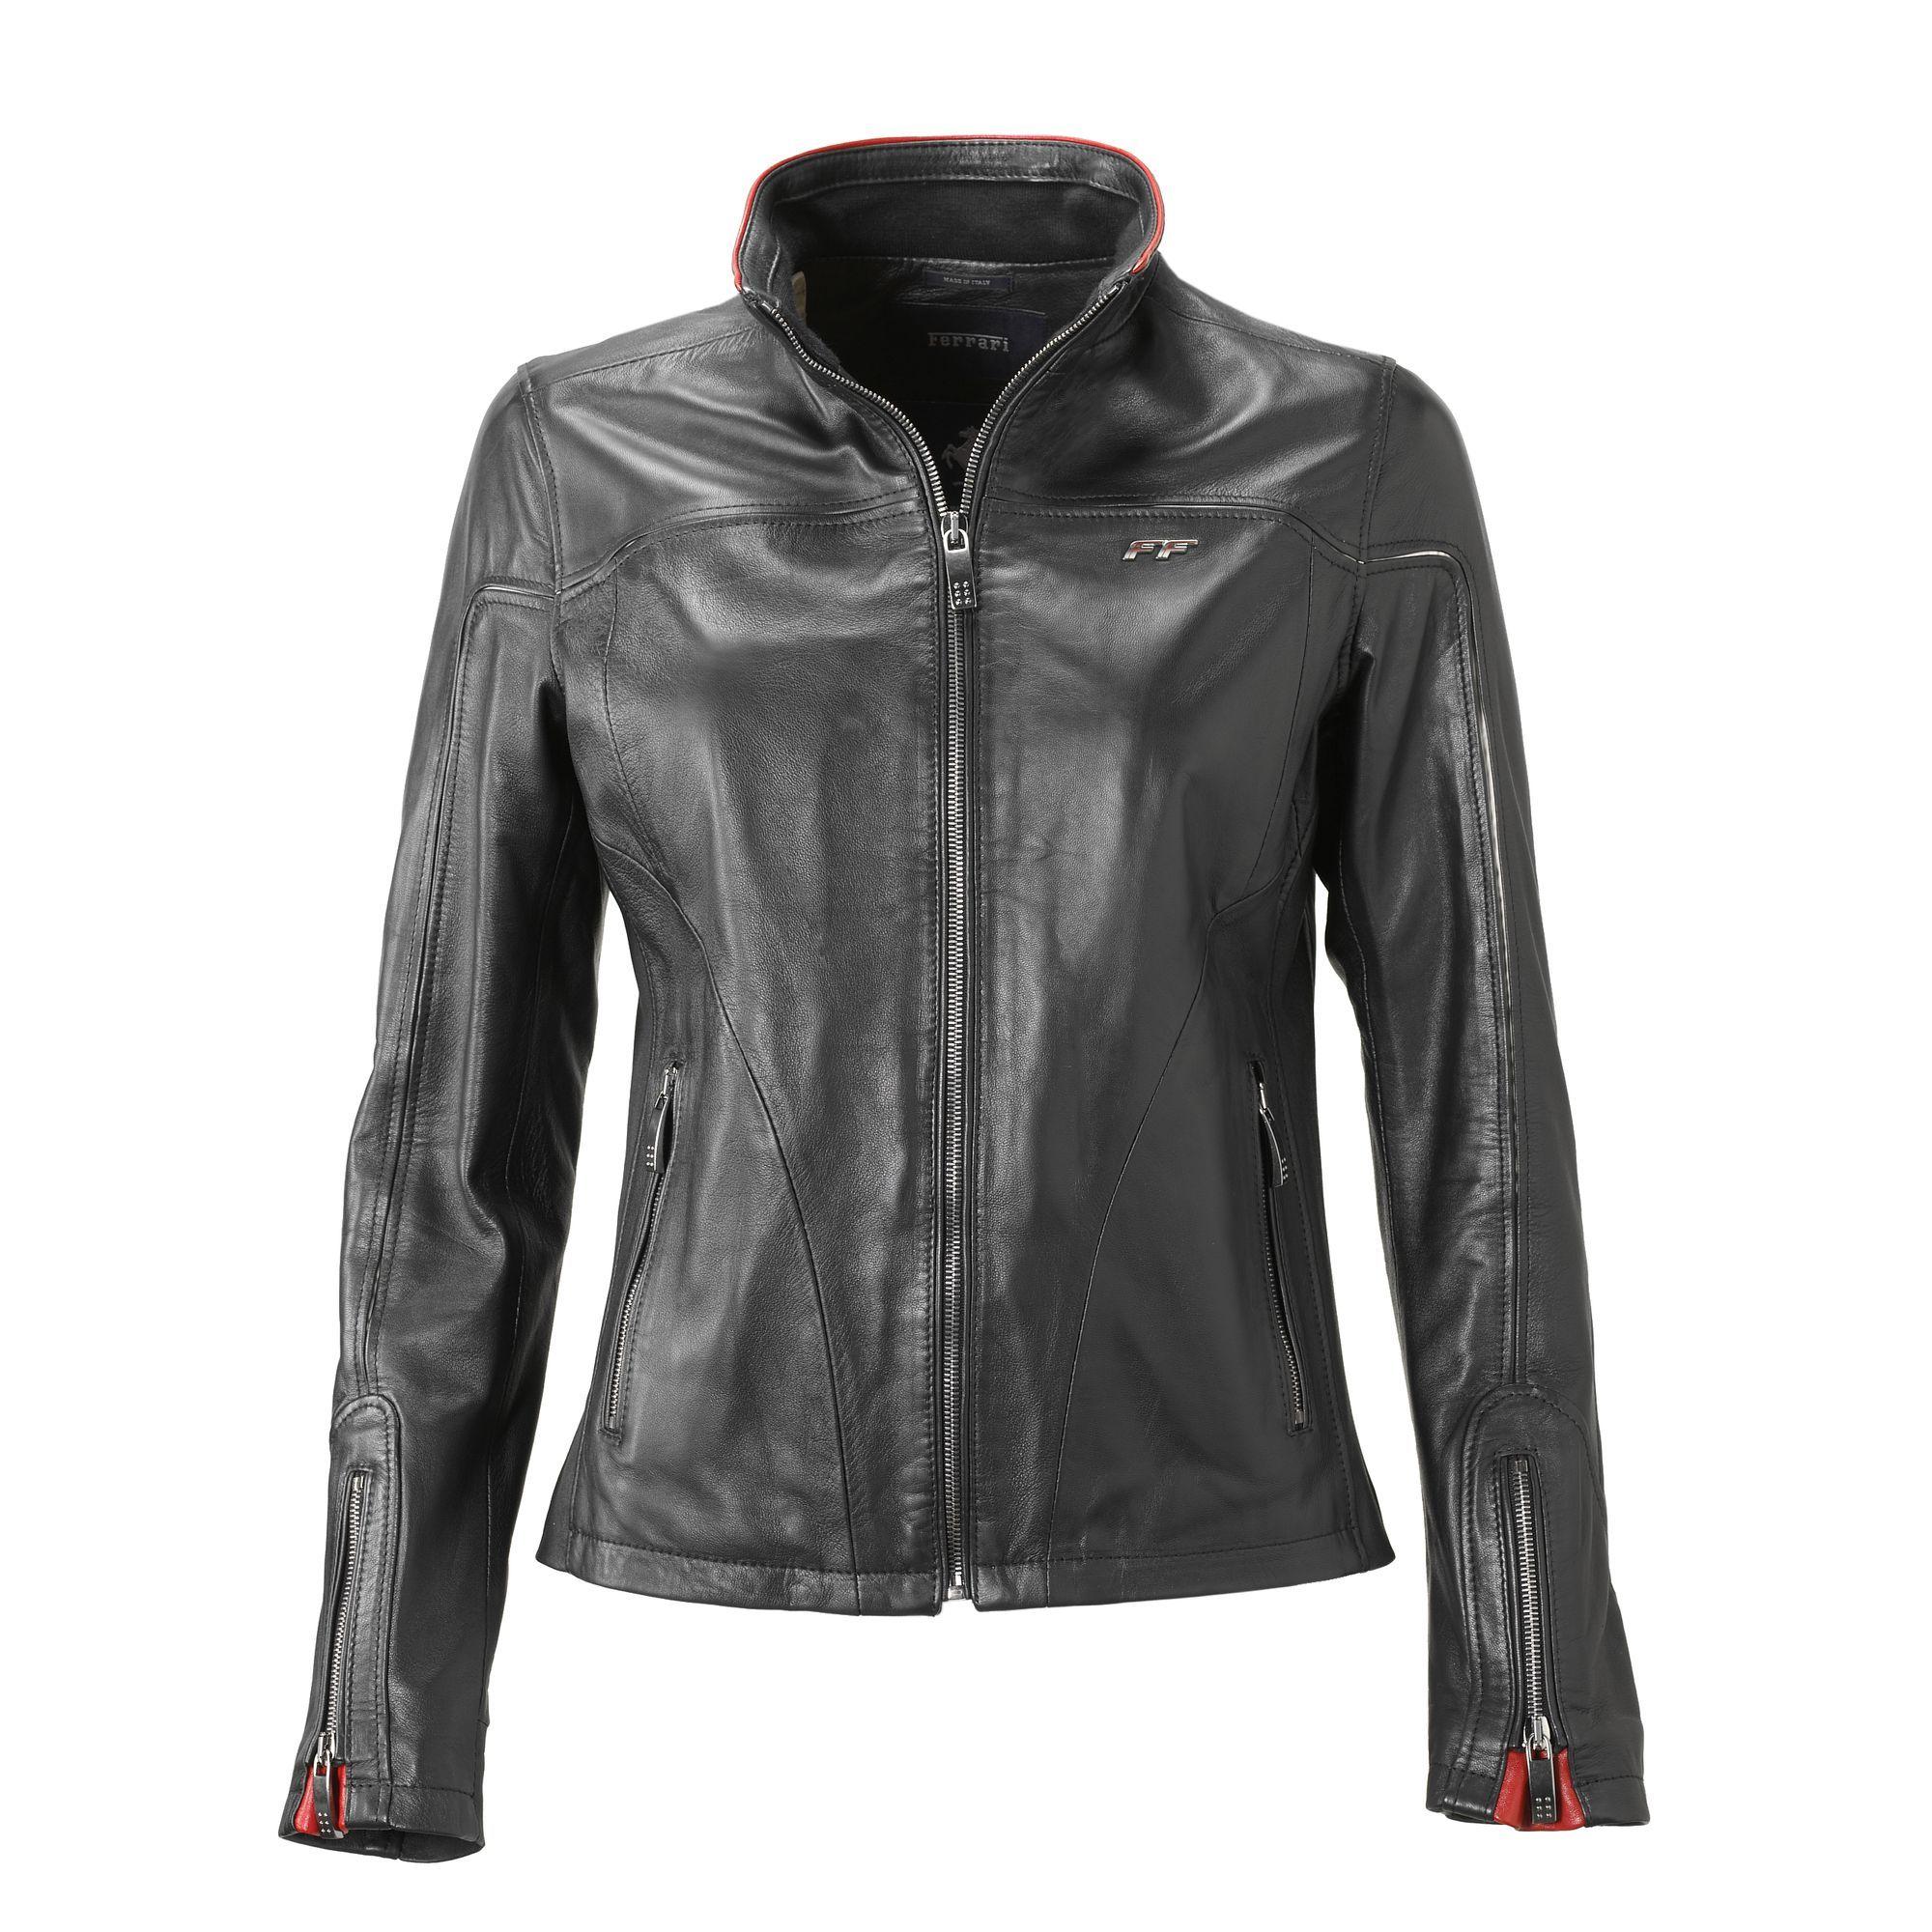 3334f5c73e7fc0 Ladies Ferrari California T Leather Jacket